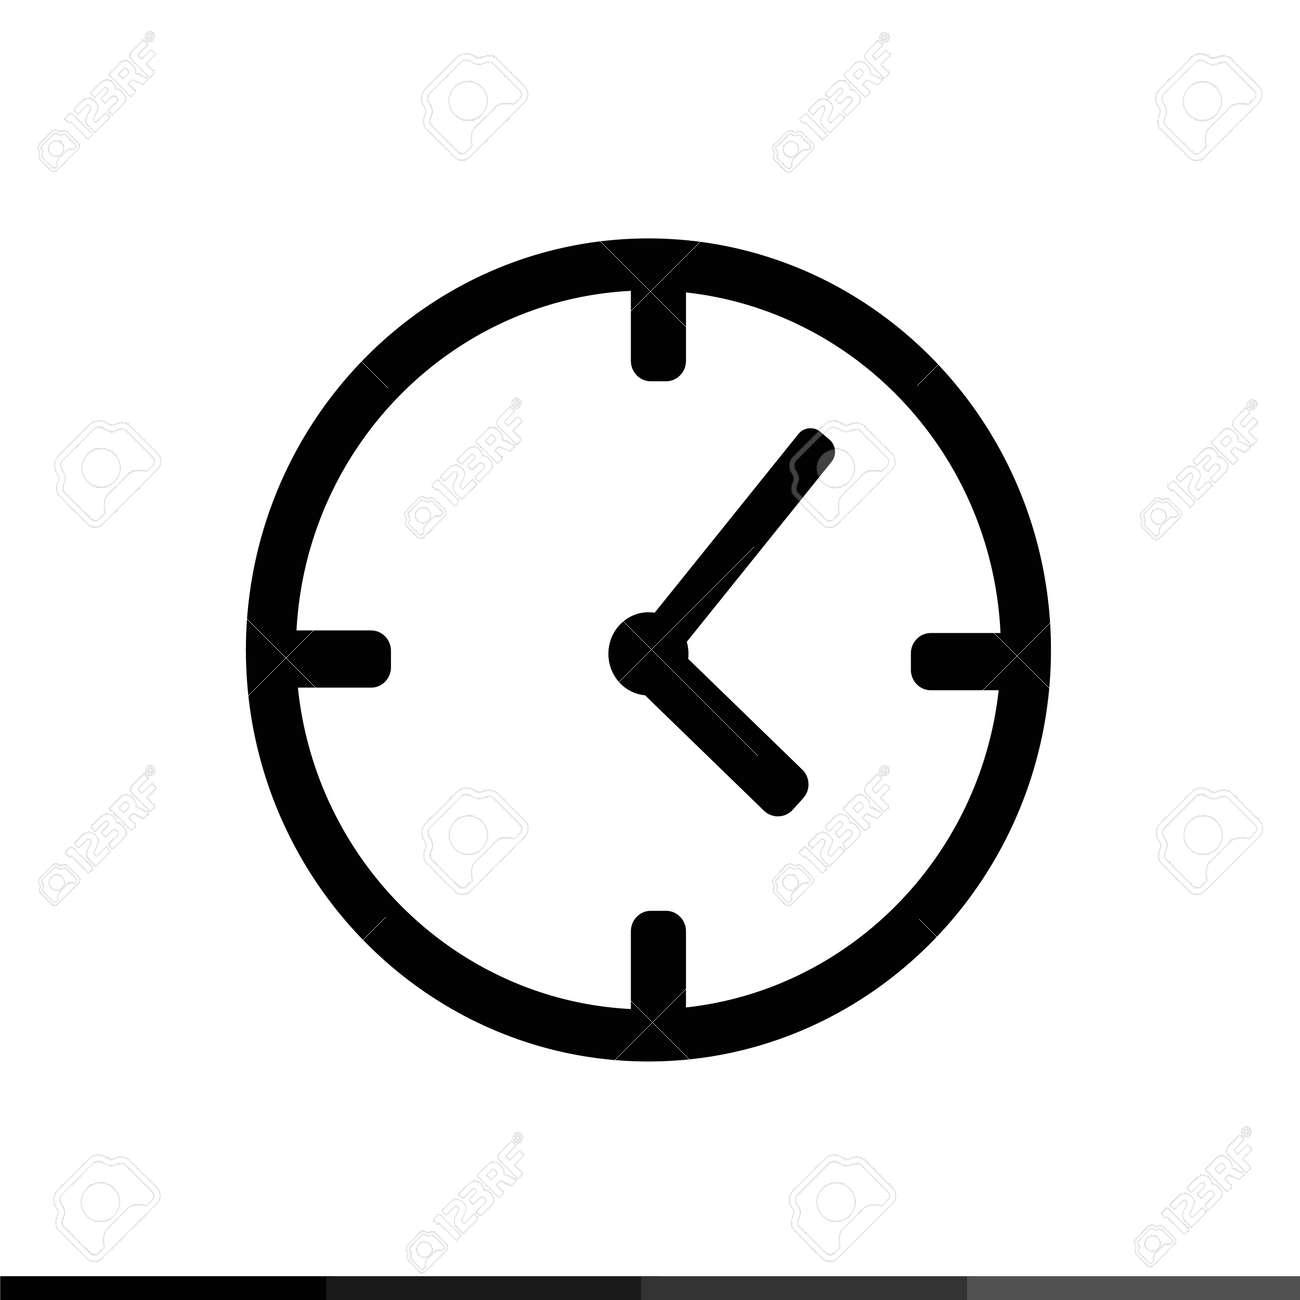 Reloj Diseño De Icono Ilustración Diseño Reloj De 8PX0nOkw